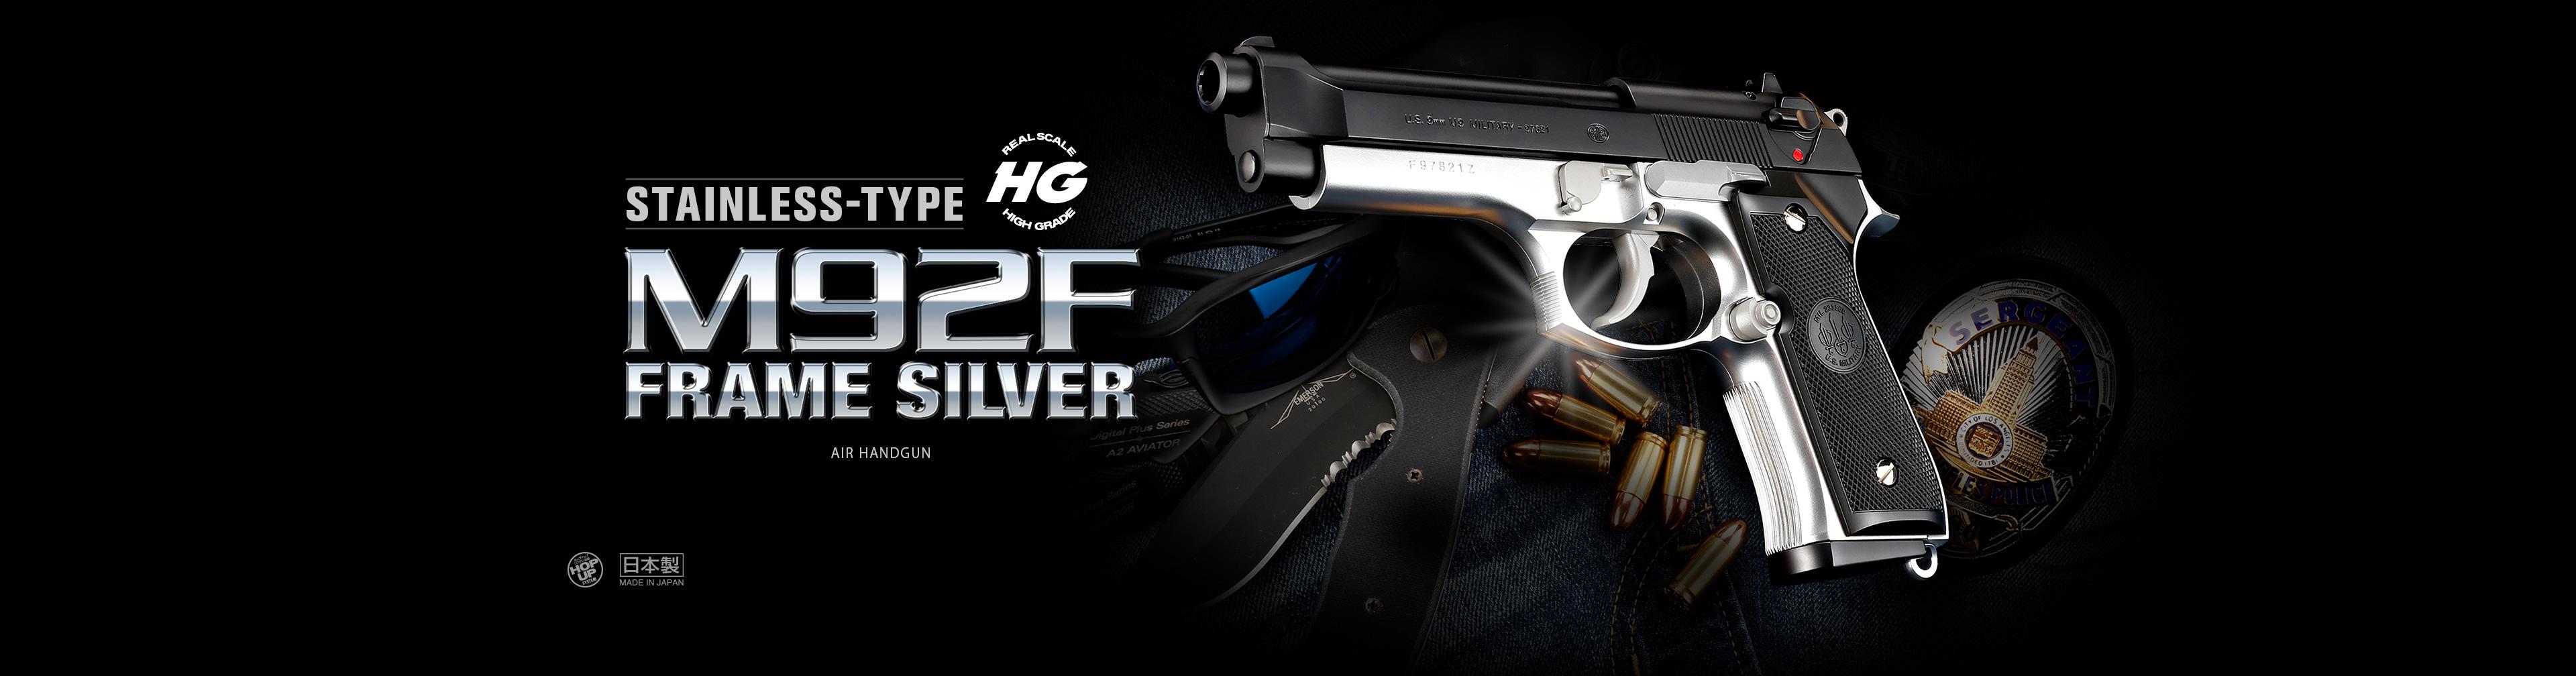 M92F フレームシルバー ステンレスタイプ【ハイグレード/ホップアップ】